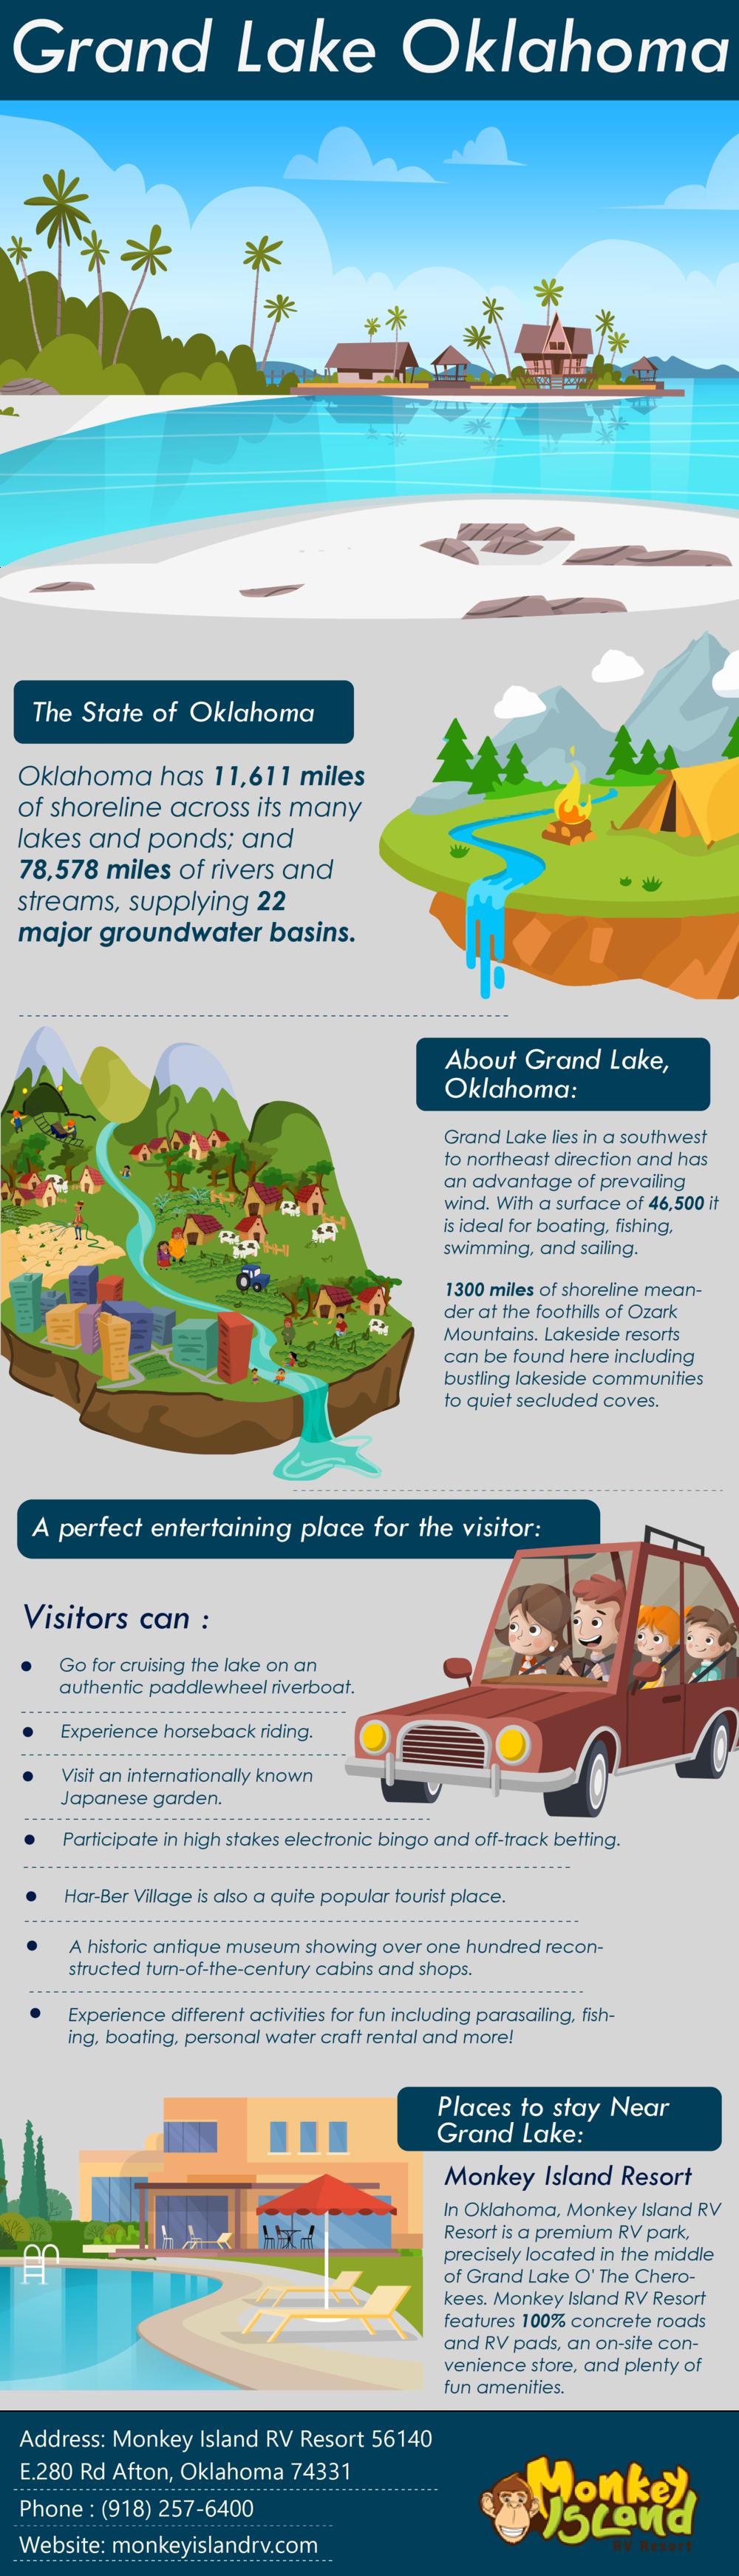 Fact based on grand lake oklahoma.png